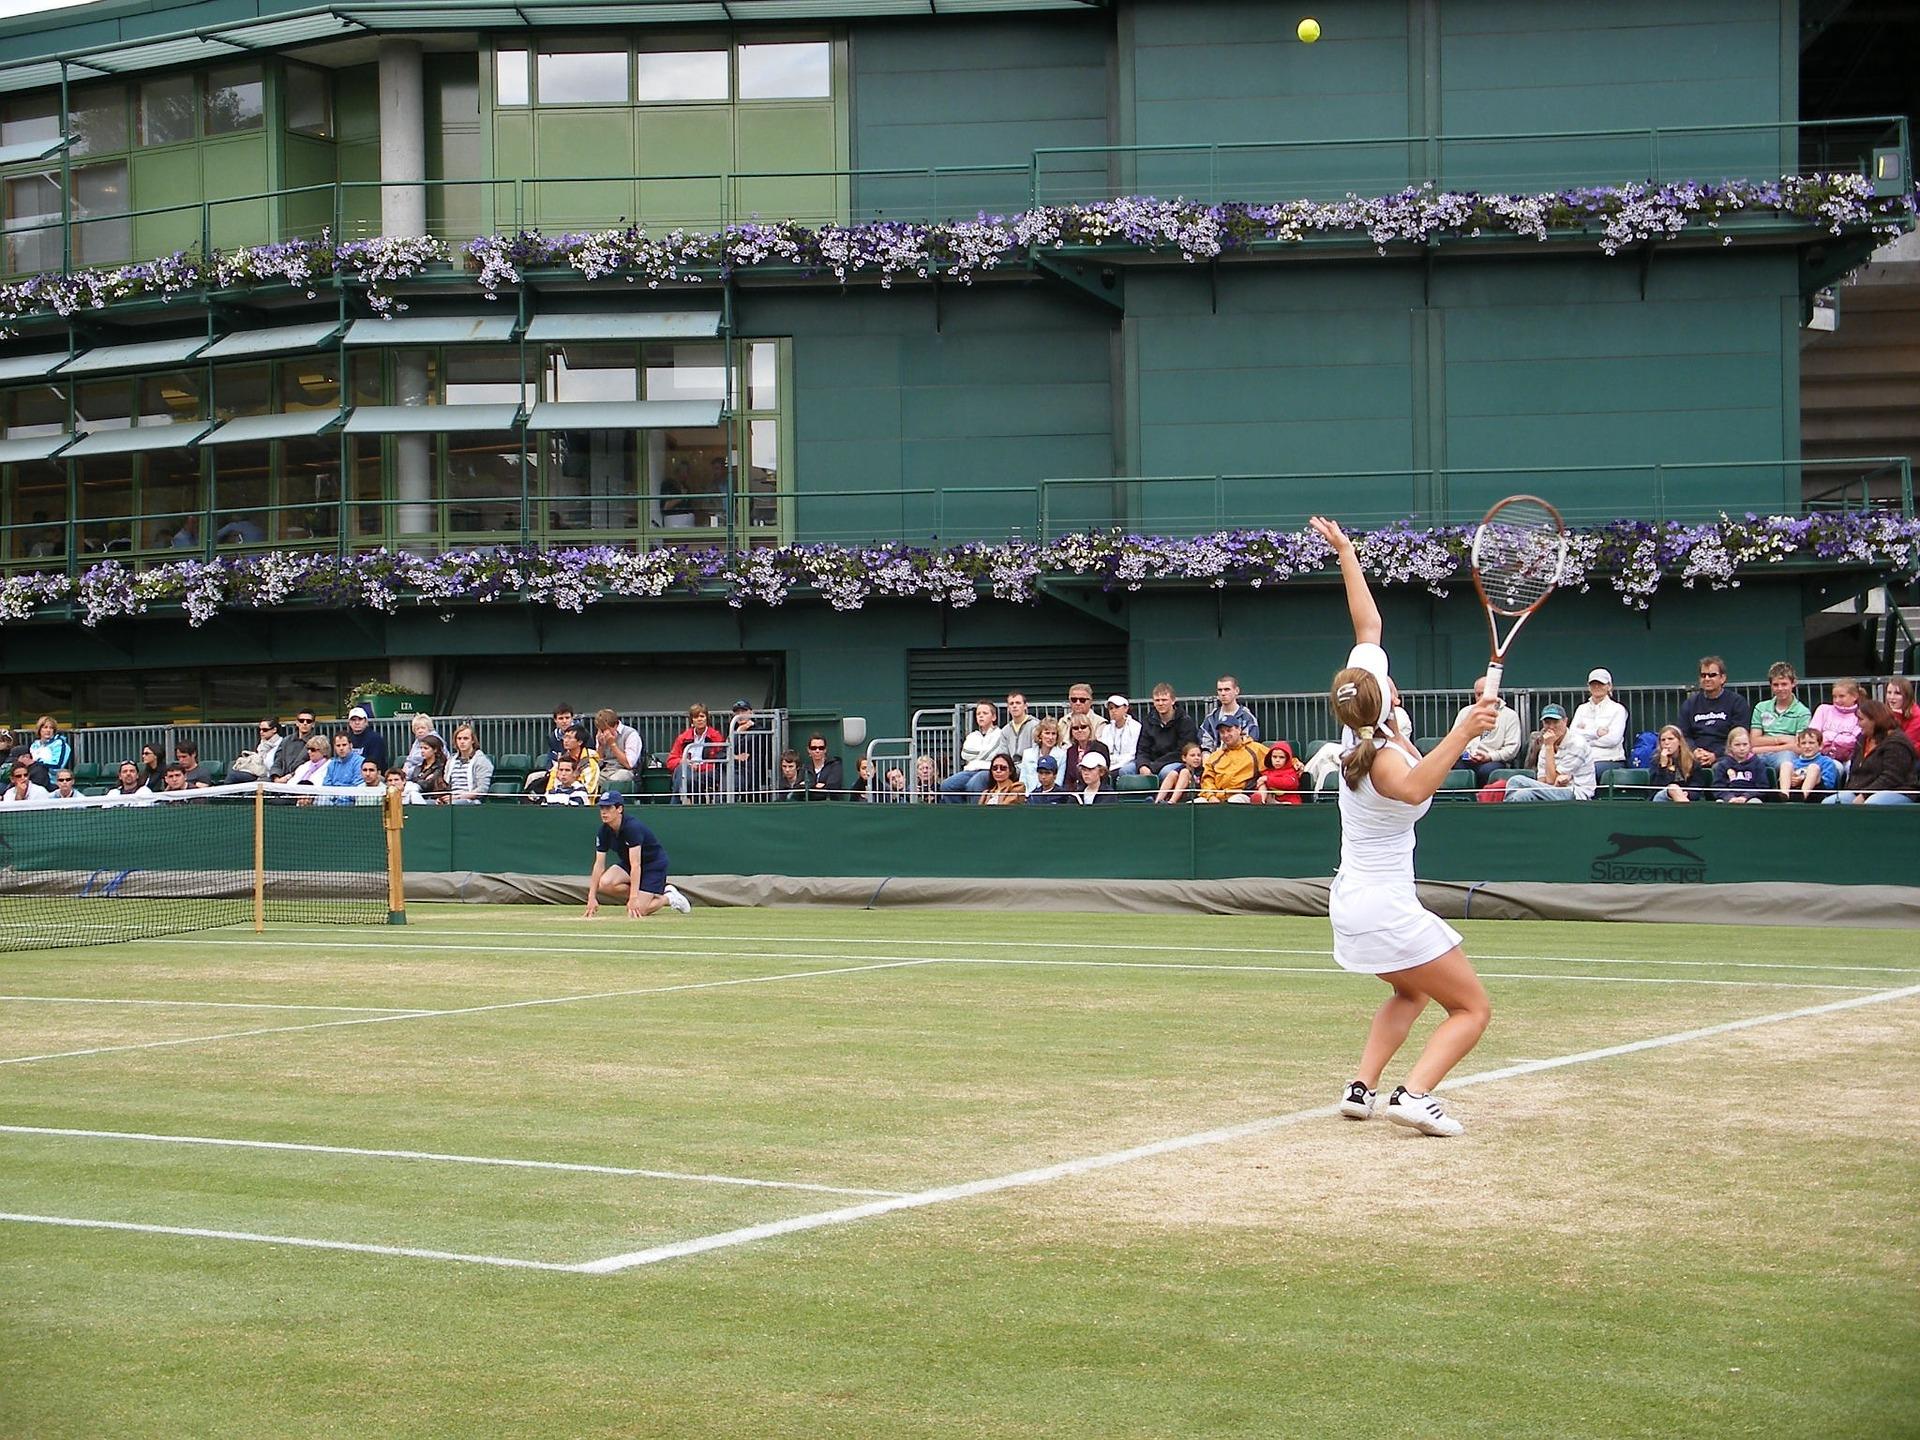 Tennis at Wimbledon, UK